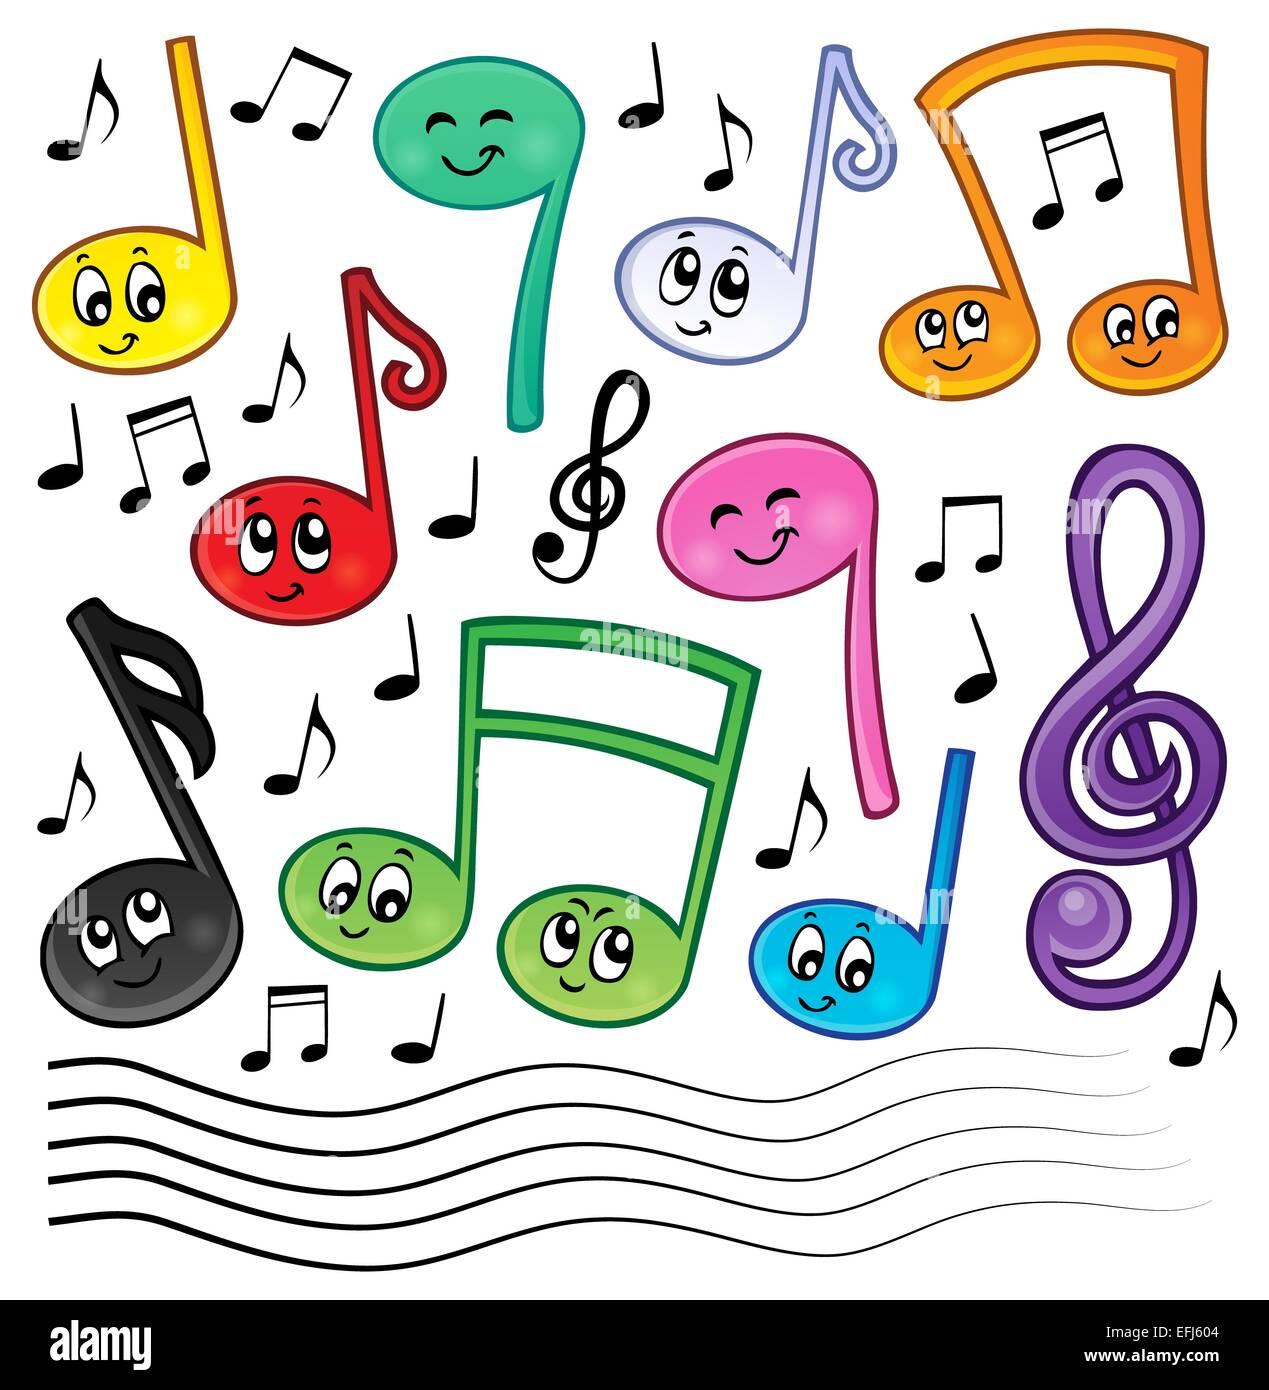 Tema Notas Musicales De Dibujos Animados Imagen 1 Imagen